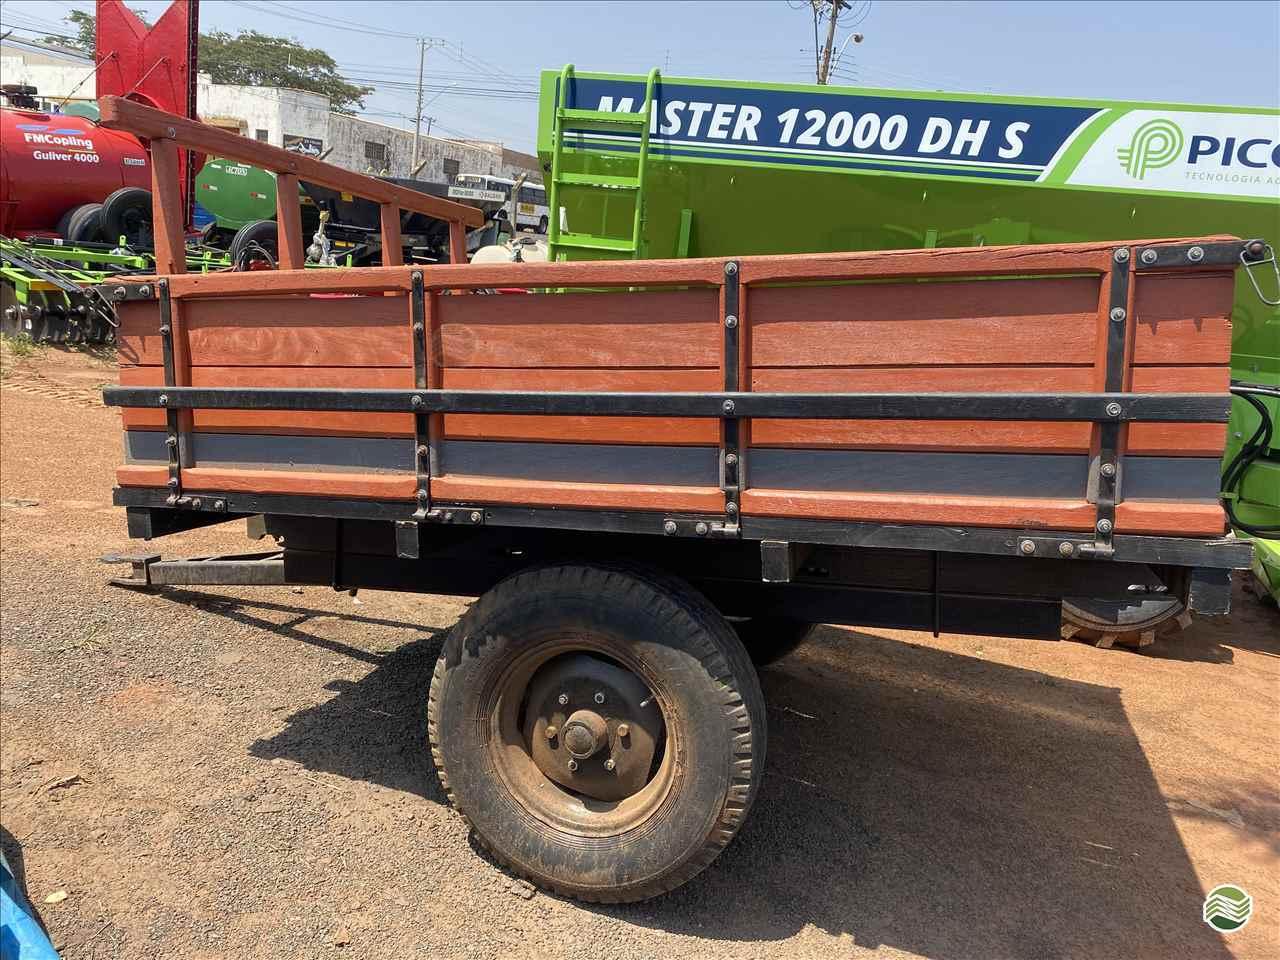 IMPLEMENTOS AGRICOLAS CARRETA AGRÍCOLA CARRETA CARROCERIA Citromaq TAQUARITINGA SÃO PAULO SP